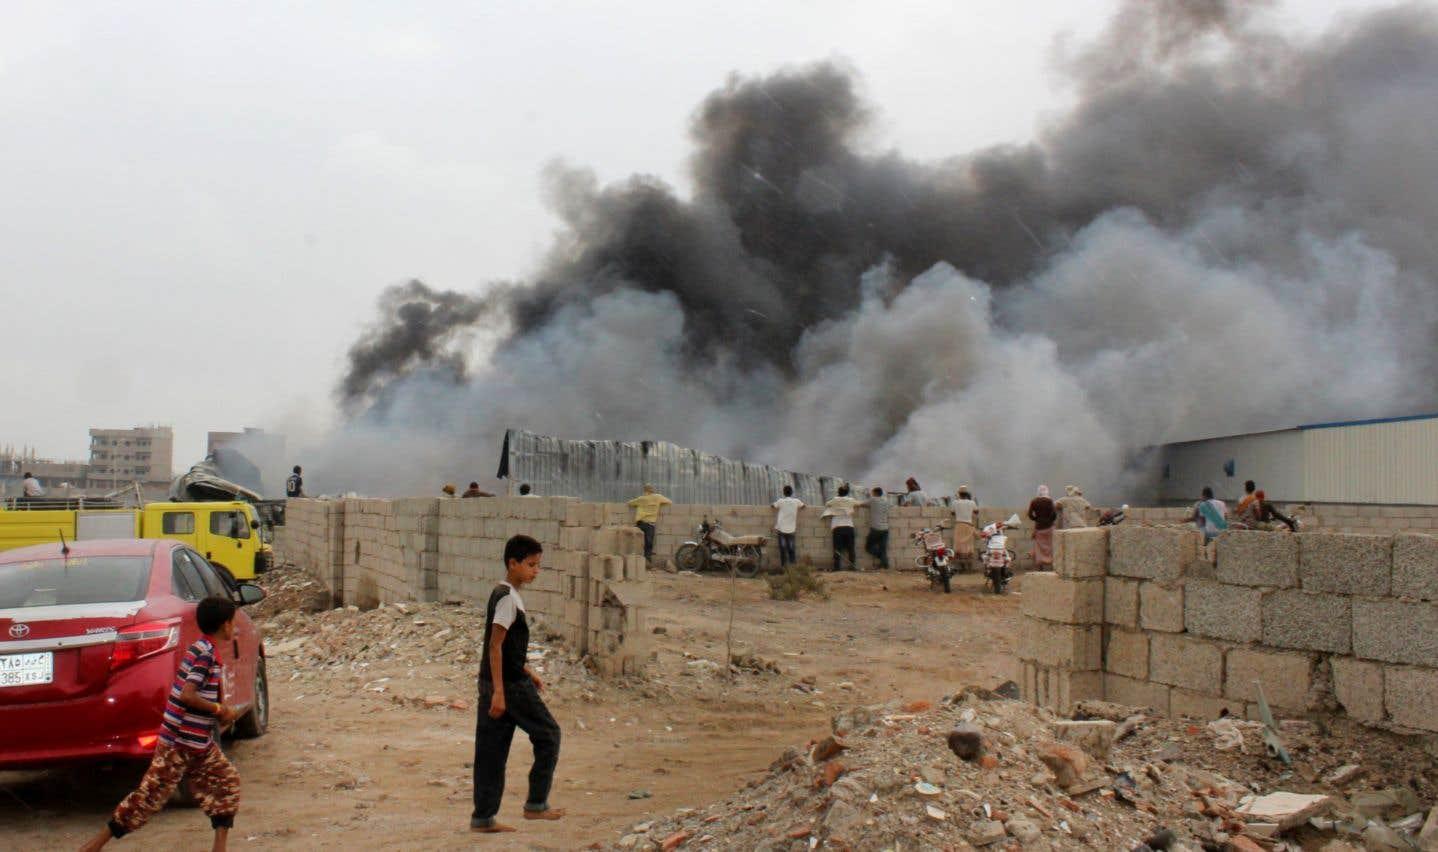 Les combats, qui ont fait au moins 38 morts, ont encore affaibli l'armée loyale au président Abd Rabbo Mansour Hadi.